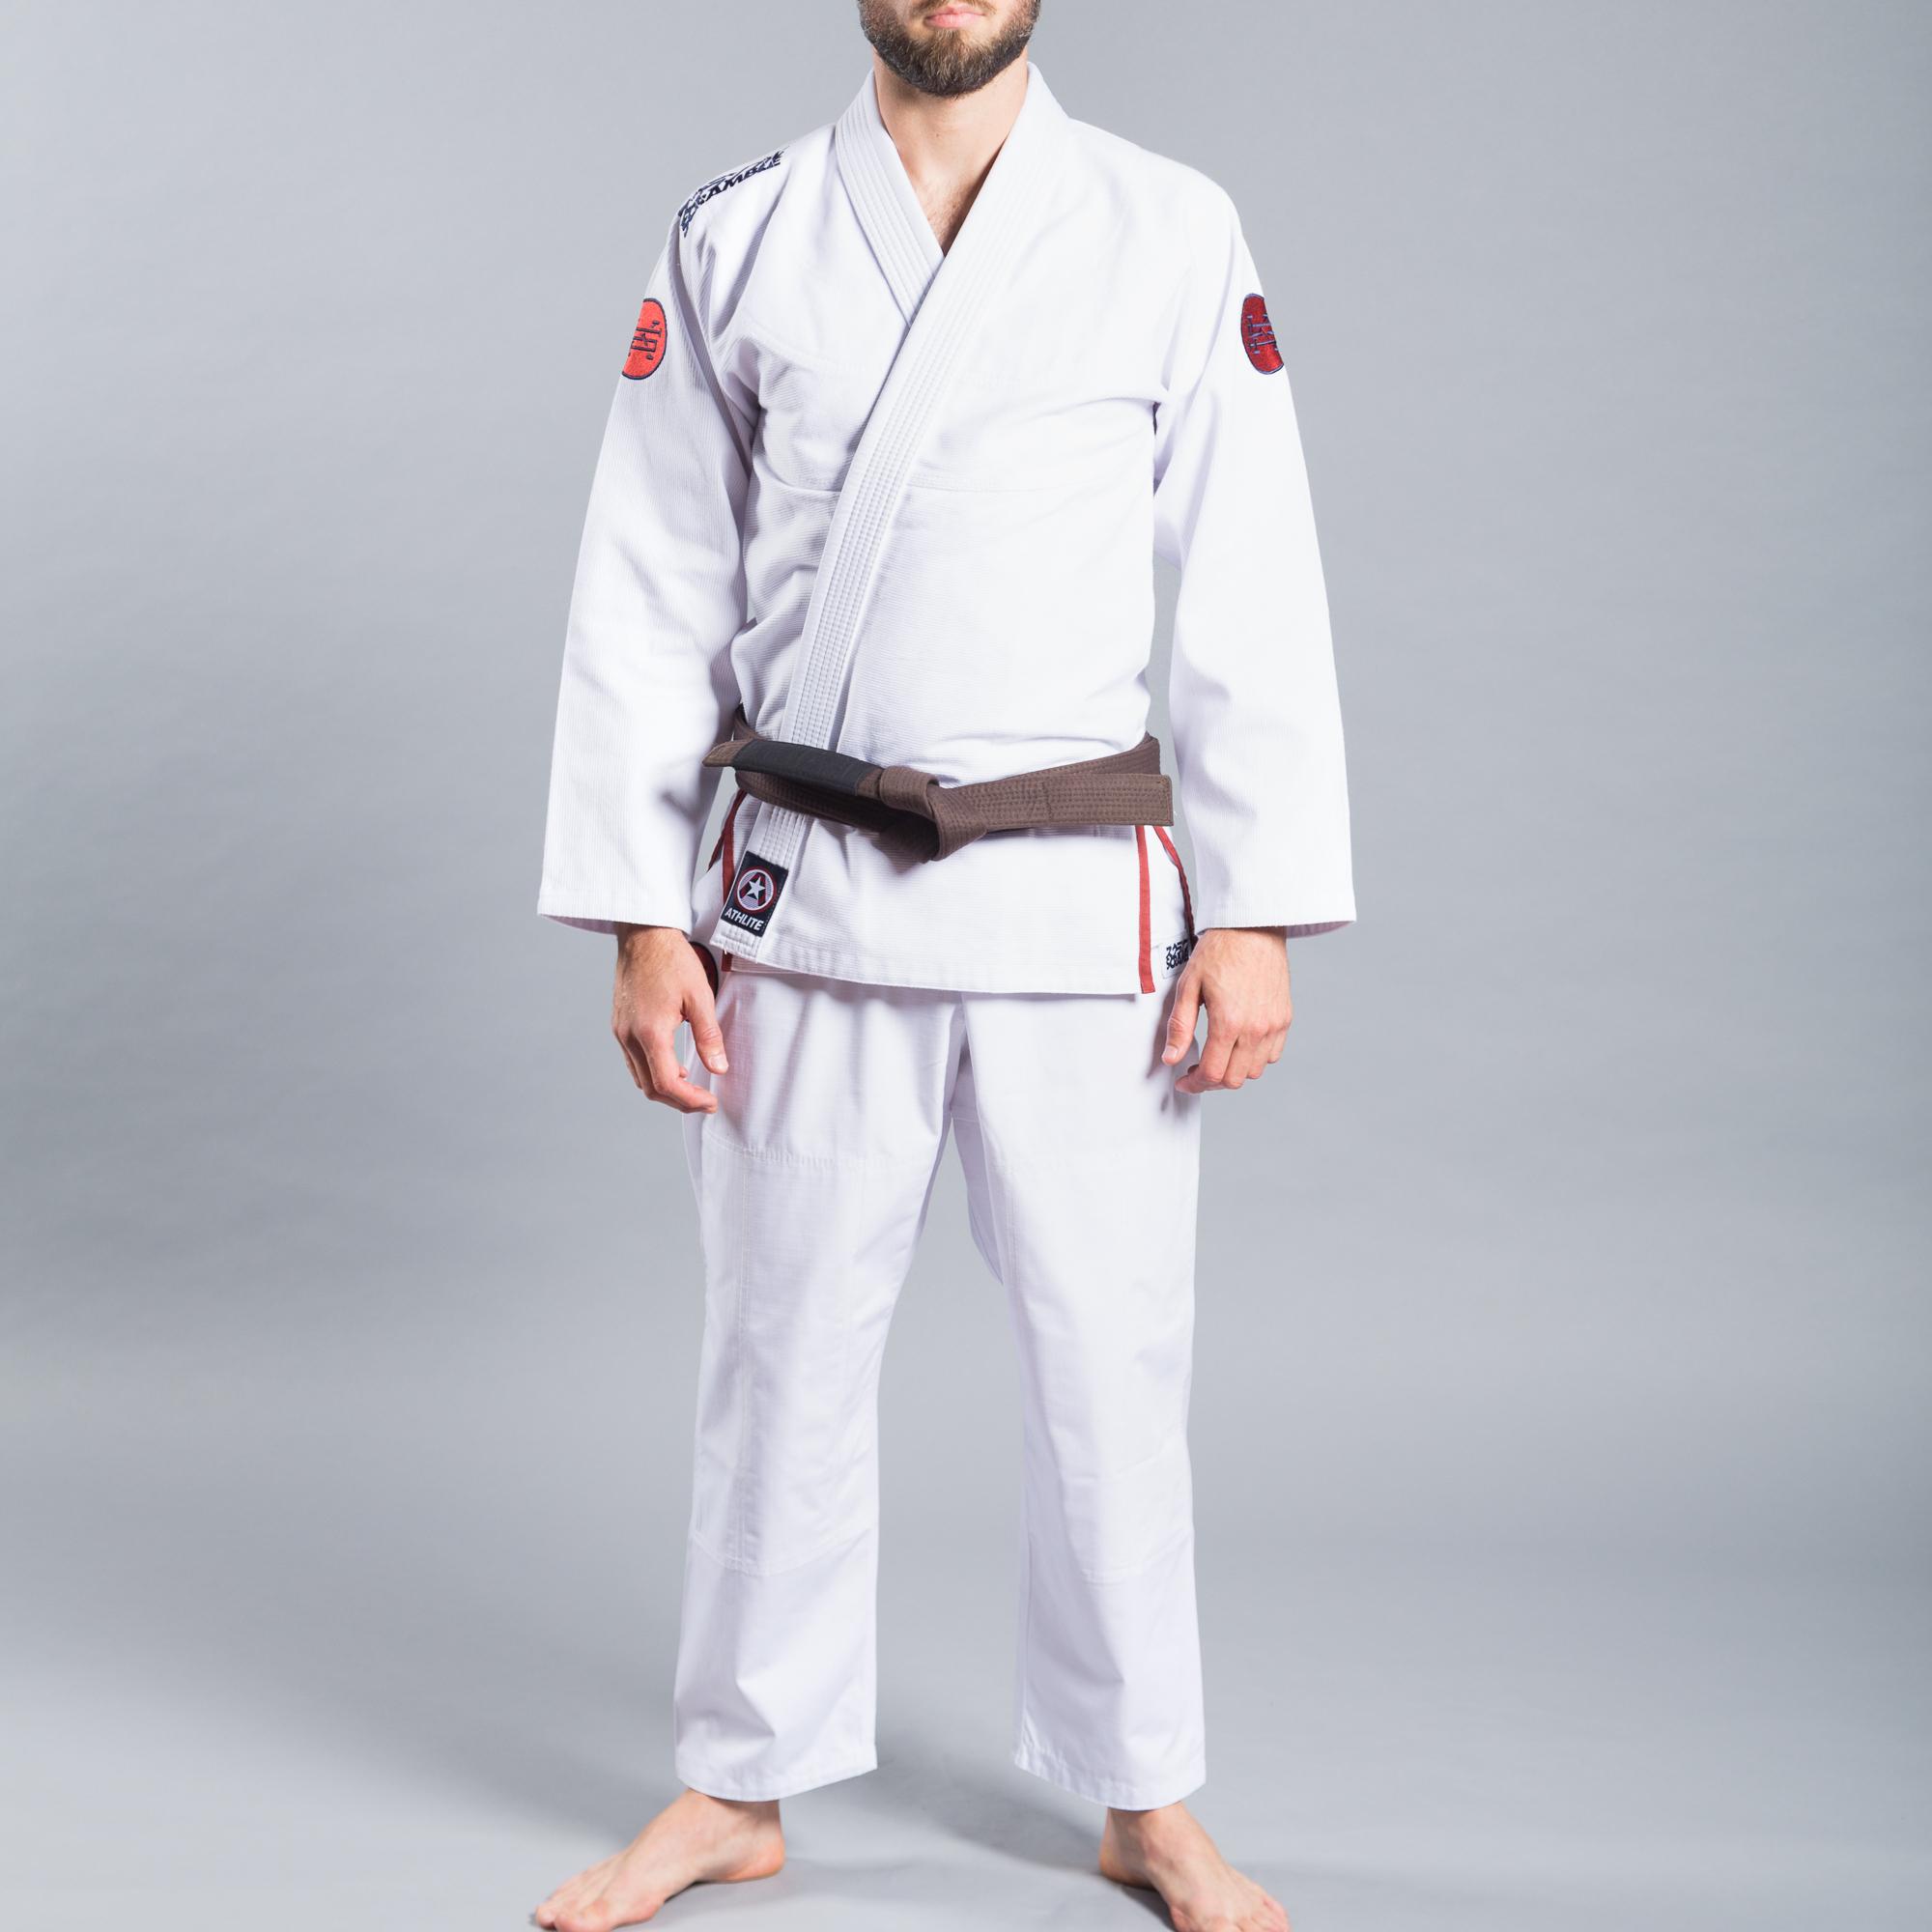 ウルトラライトモデル SCRAMBLE ATHLITE KIMONO ホワイト|ブラジリアン柔術衣(柔術着)